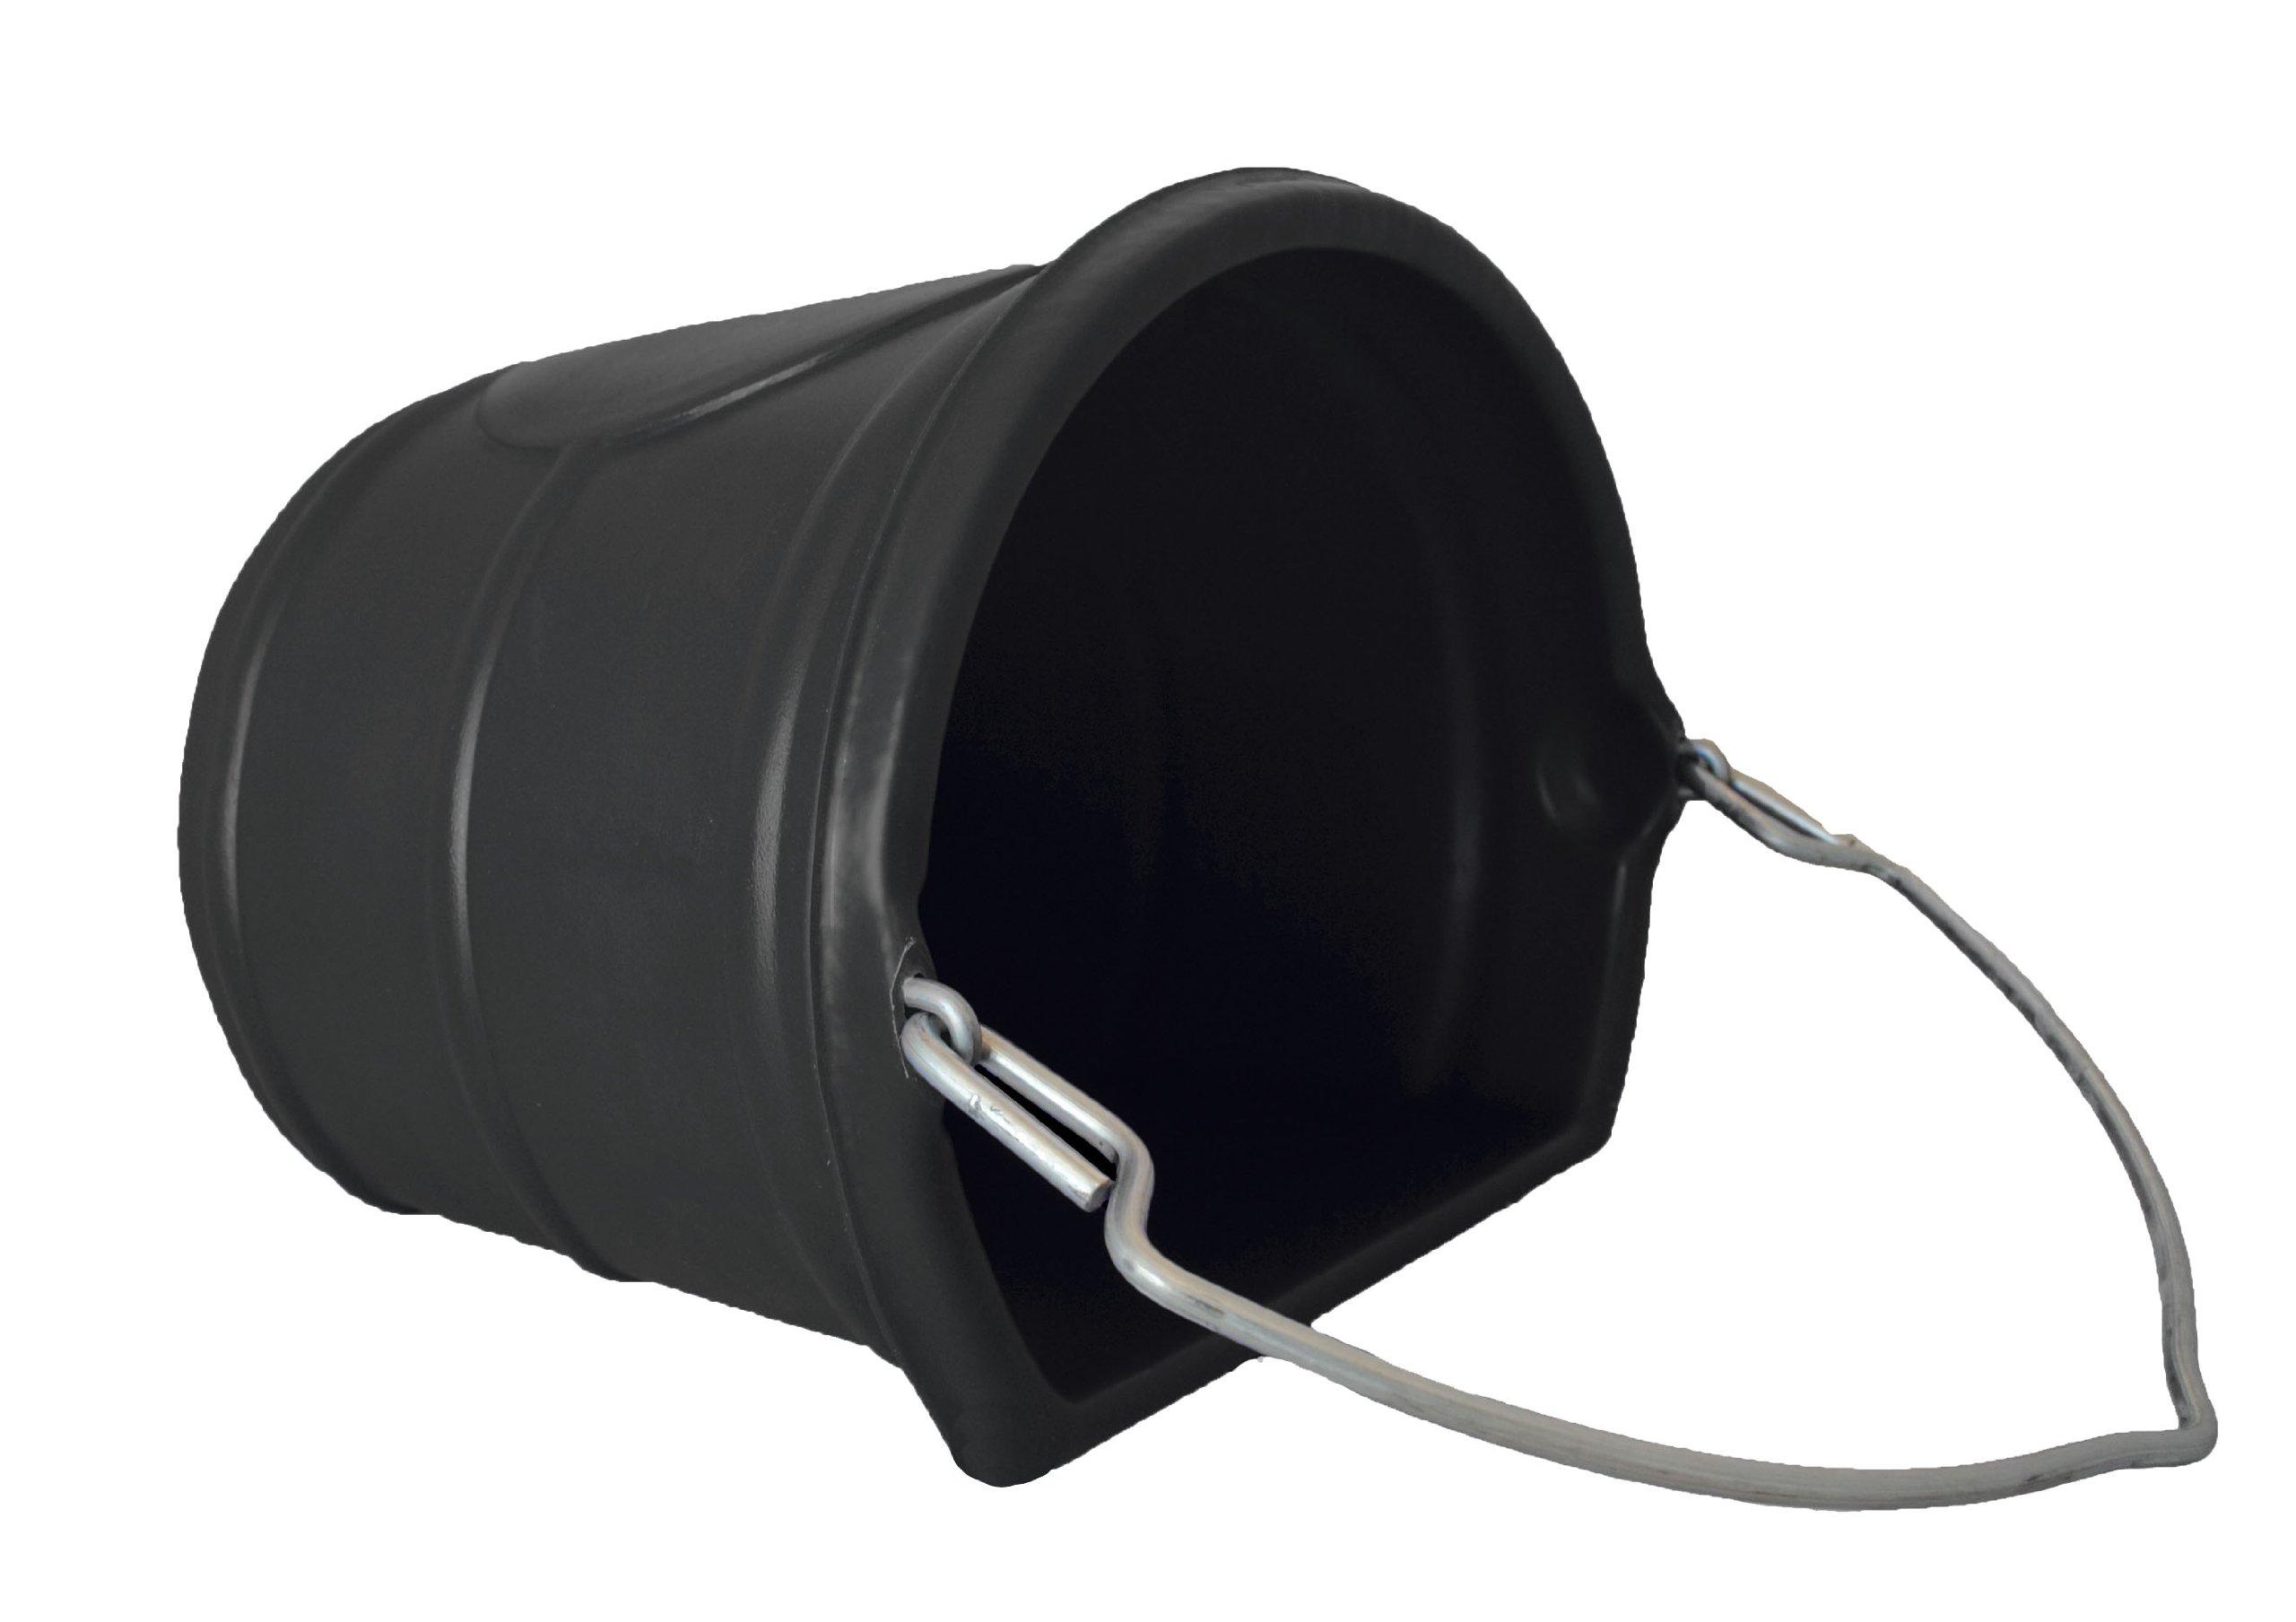 Horsemen's Pride 20 Quart Water Bucket, Black by Horsemen's Pride